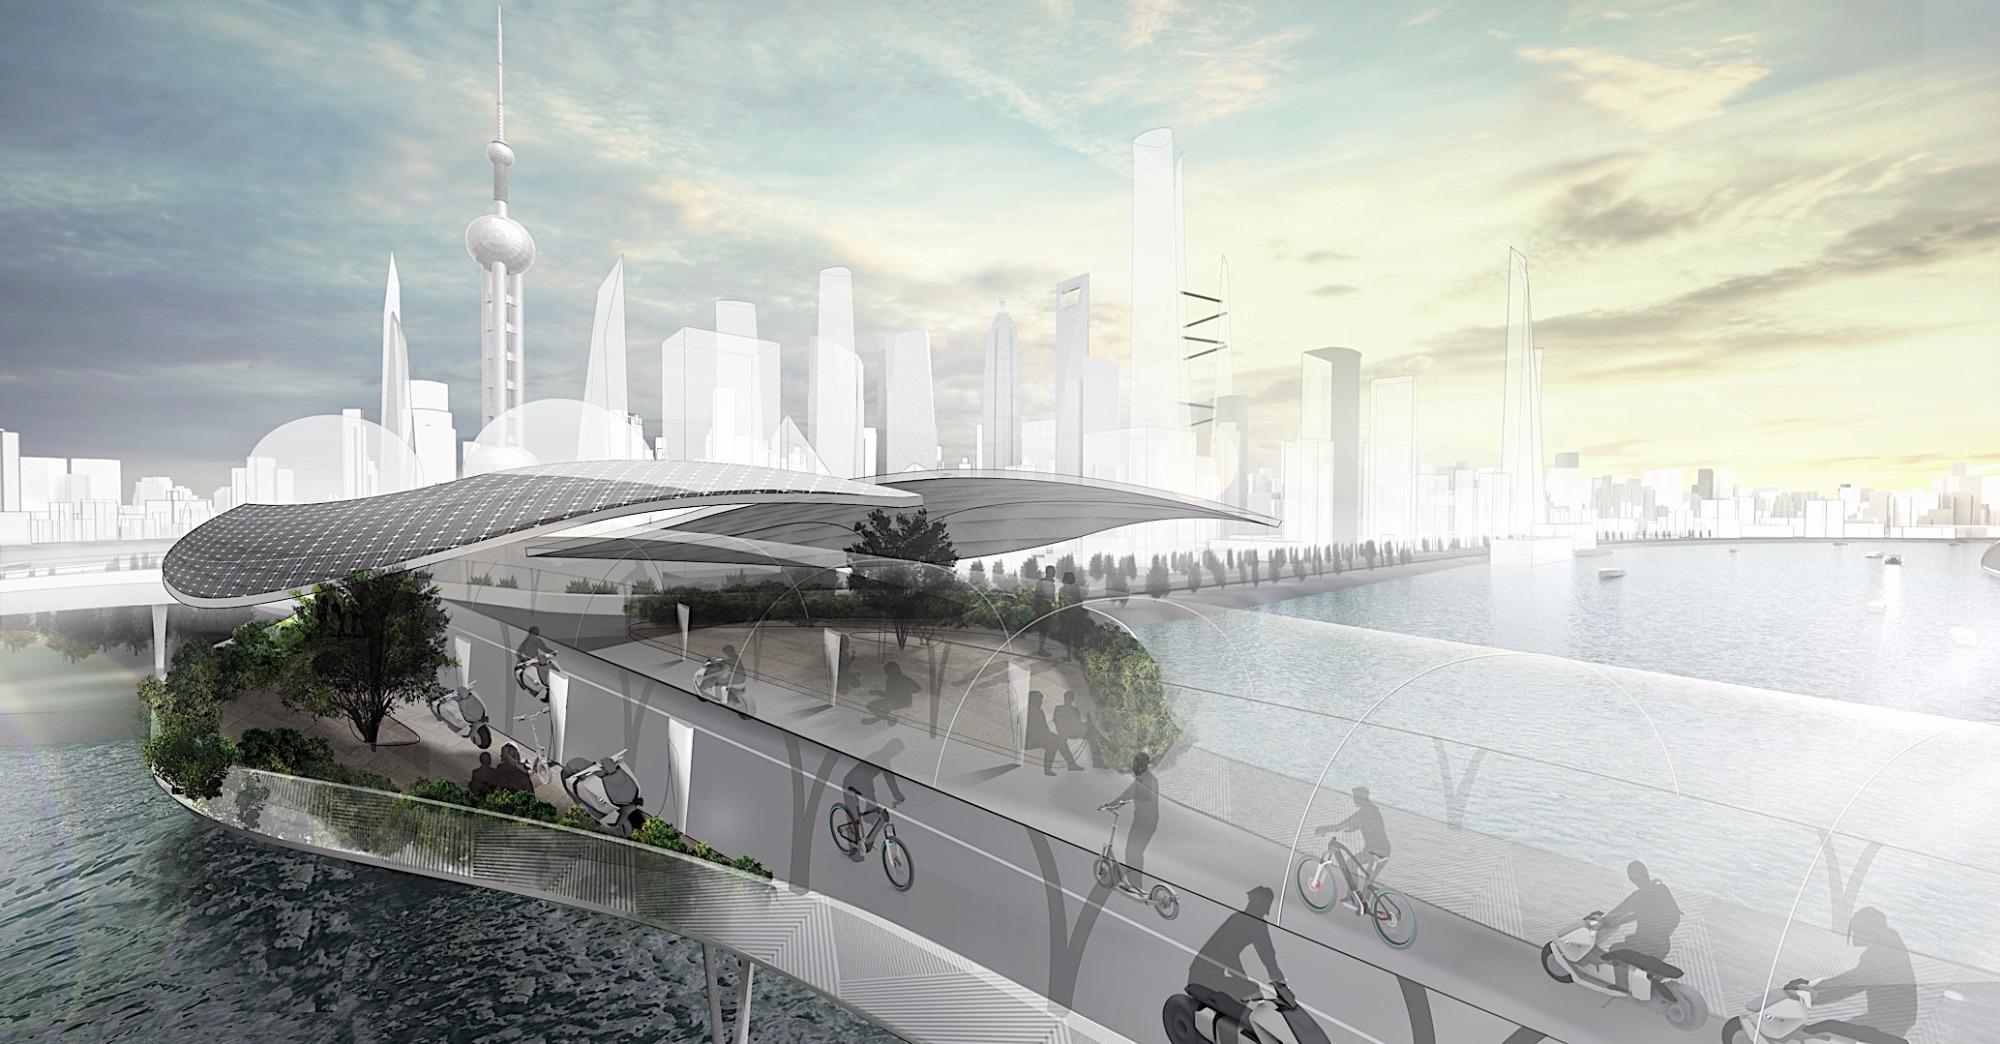 BMW propõe modelo de ciclovia elétrica e elevada para reduzir trânsito